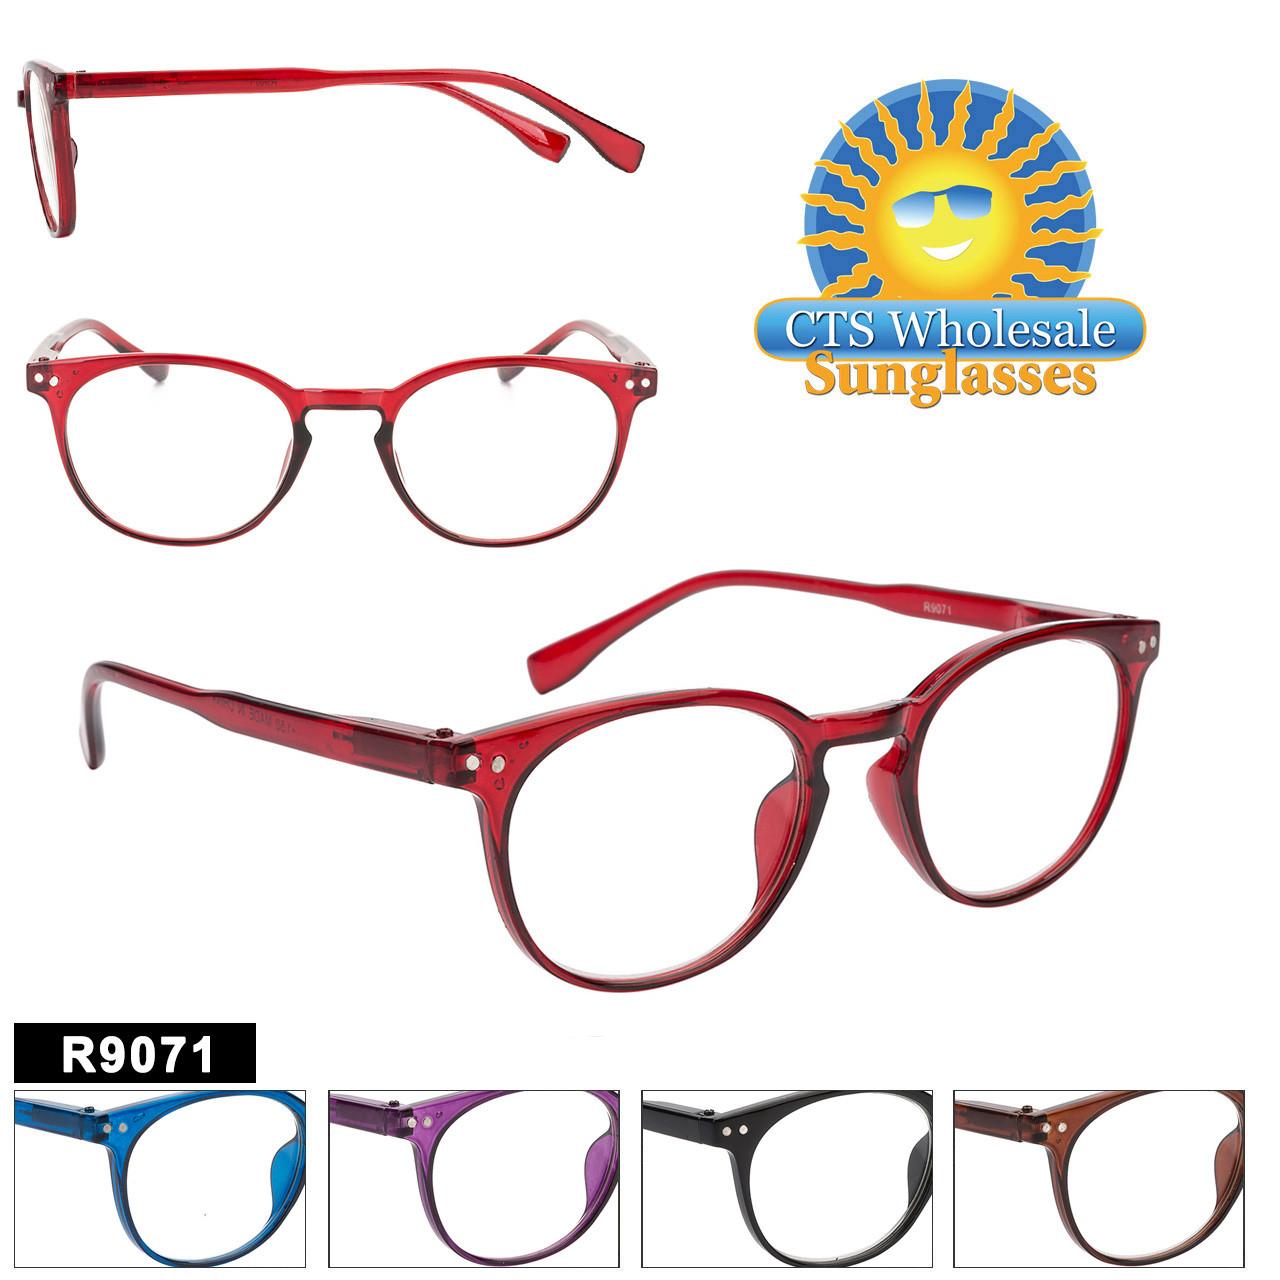 Bulk Reading Glasses - R9071